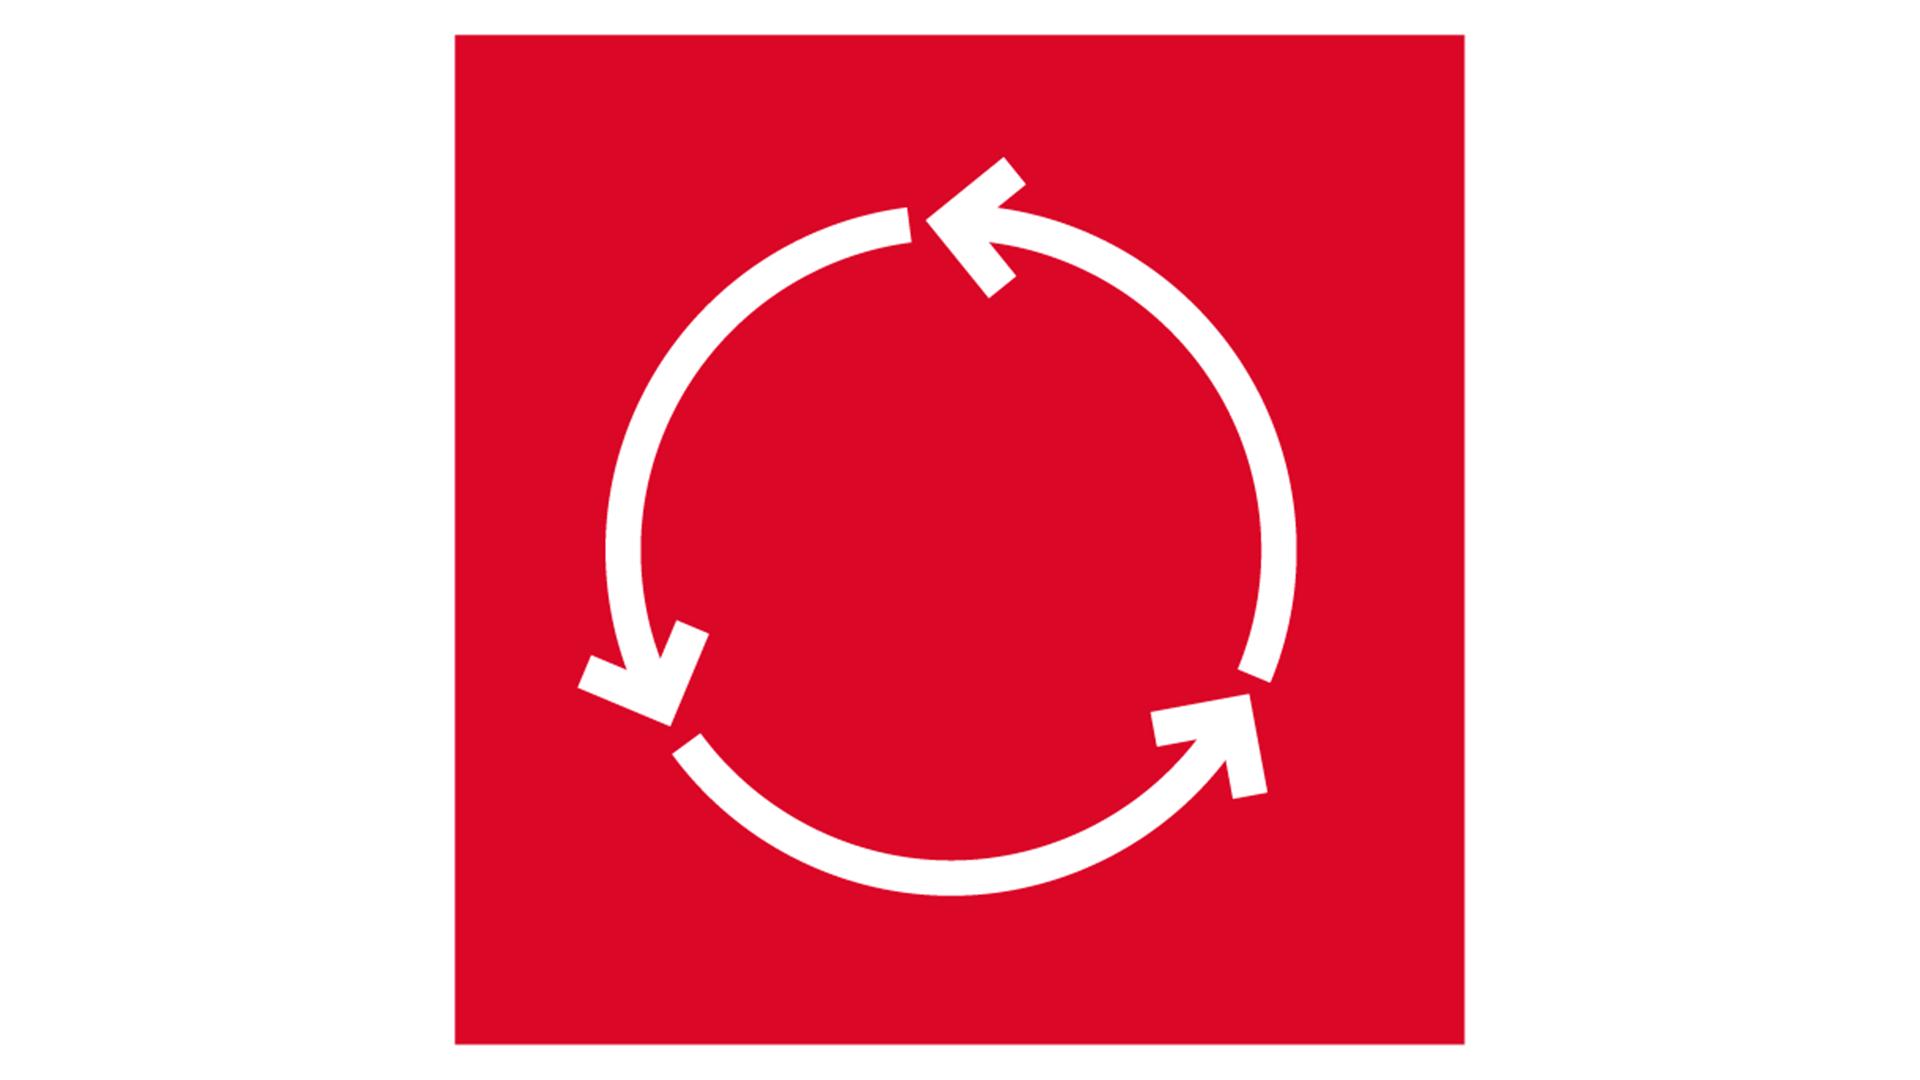 icon, 7 strenghts of stone, white on red background, for website, stärken von steinwolle, weiß auf rot, circularity, ökologie, germany